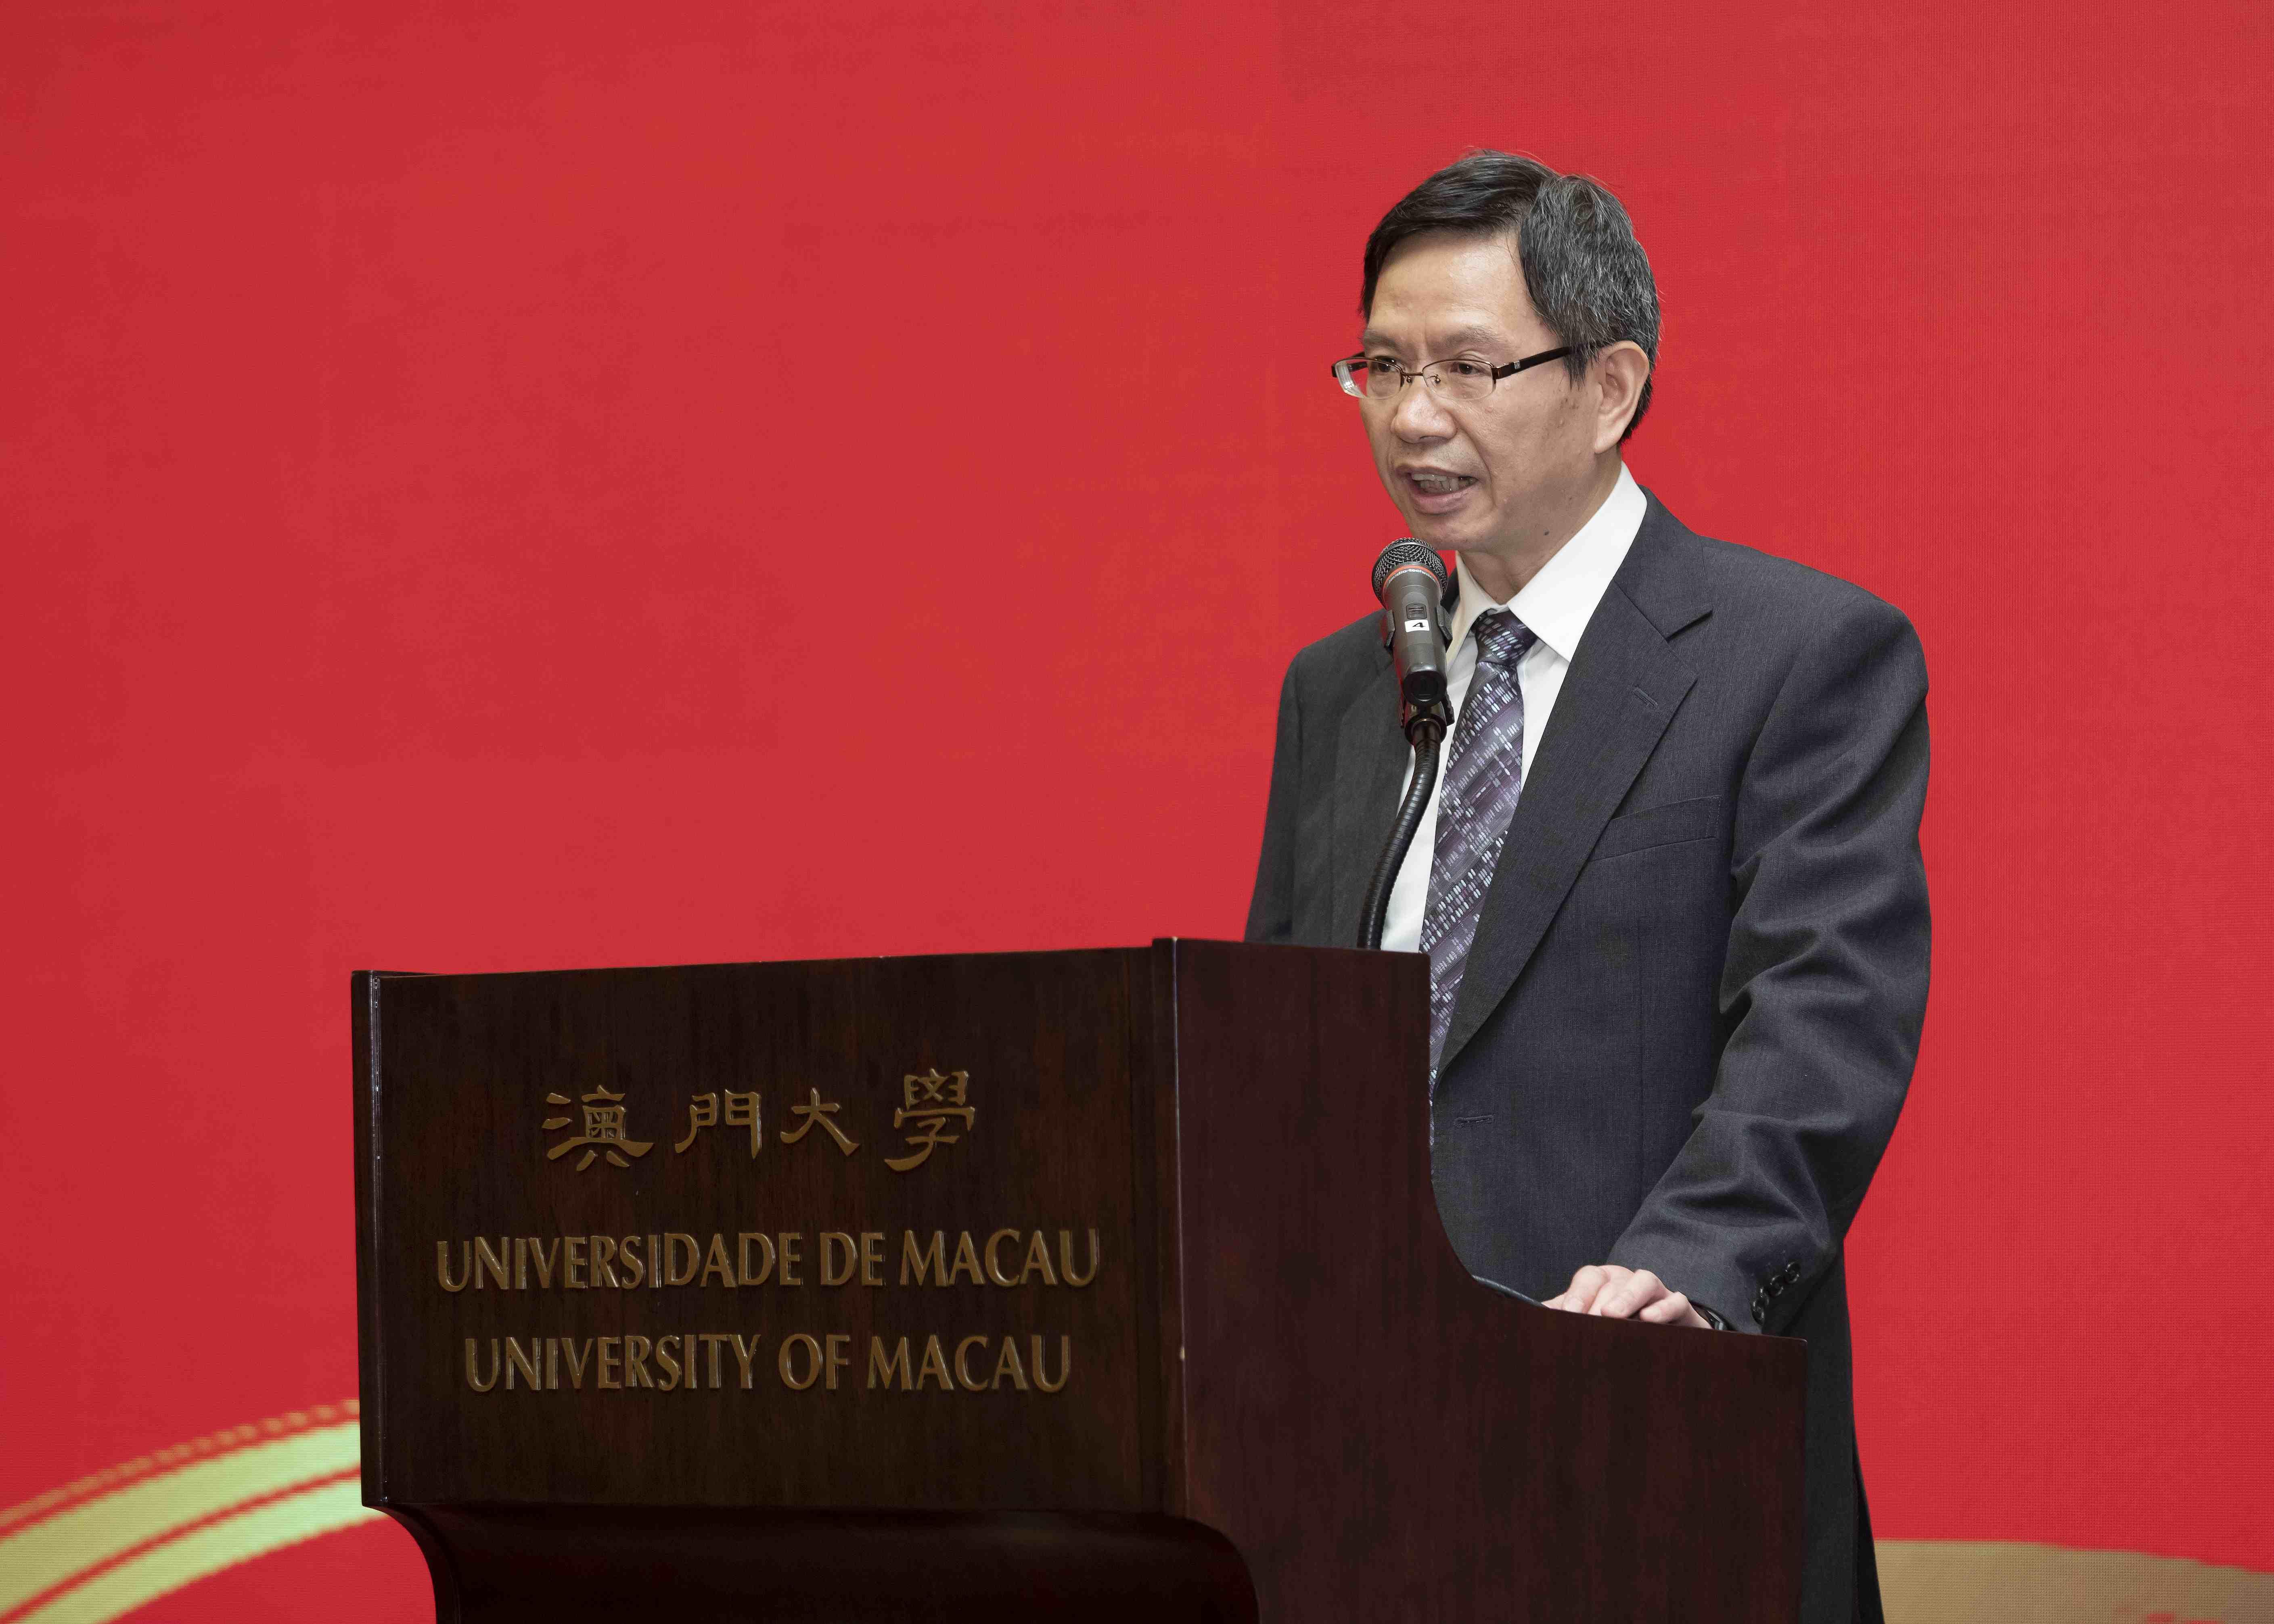 Liu Chenglin